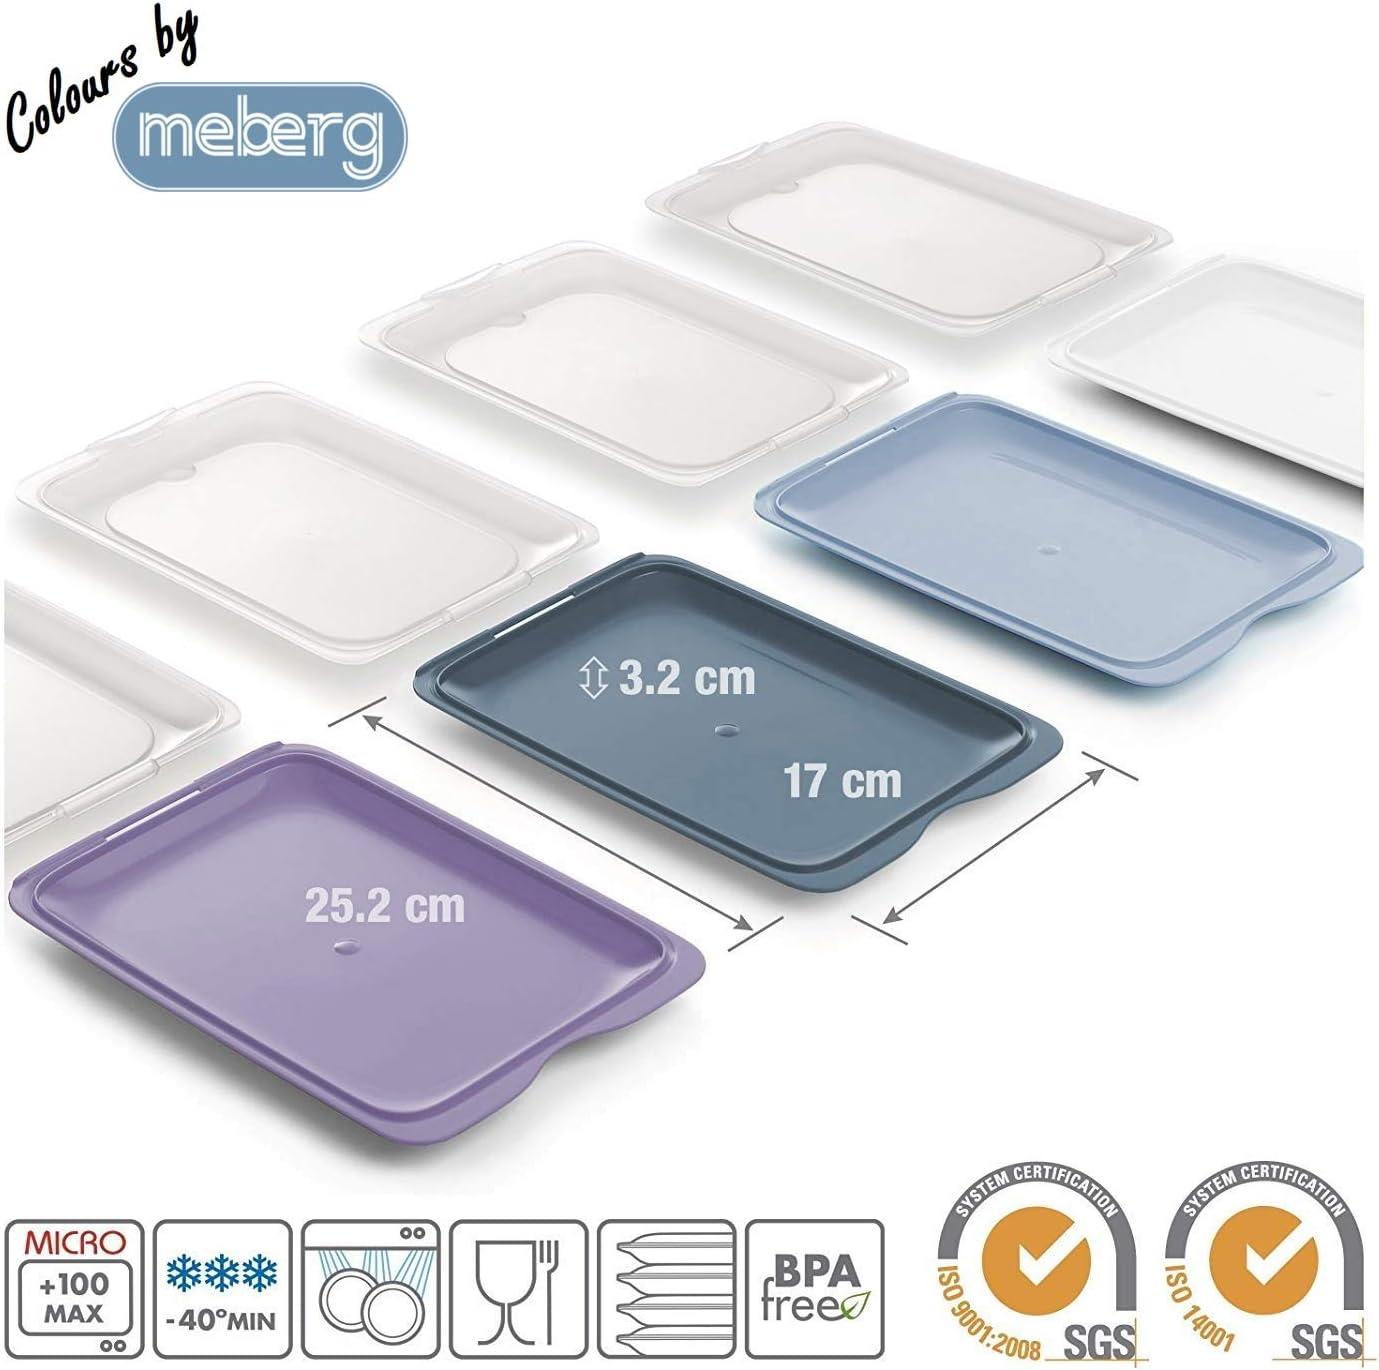 Hochwertige Aufschnitt-Boxen 4er Set Colours by meberg platzsparend stapelbar Stapelboxen Foodcenter Frischhaltedosen f/ür den K/ühlschrank // Vorratsdosen-Set f/ür Aufschnitt mit integrierter Servierplatte